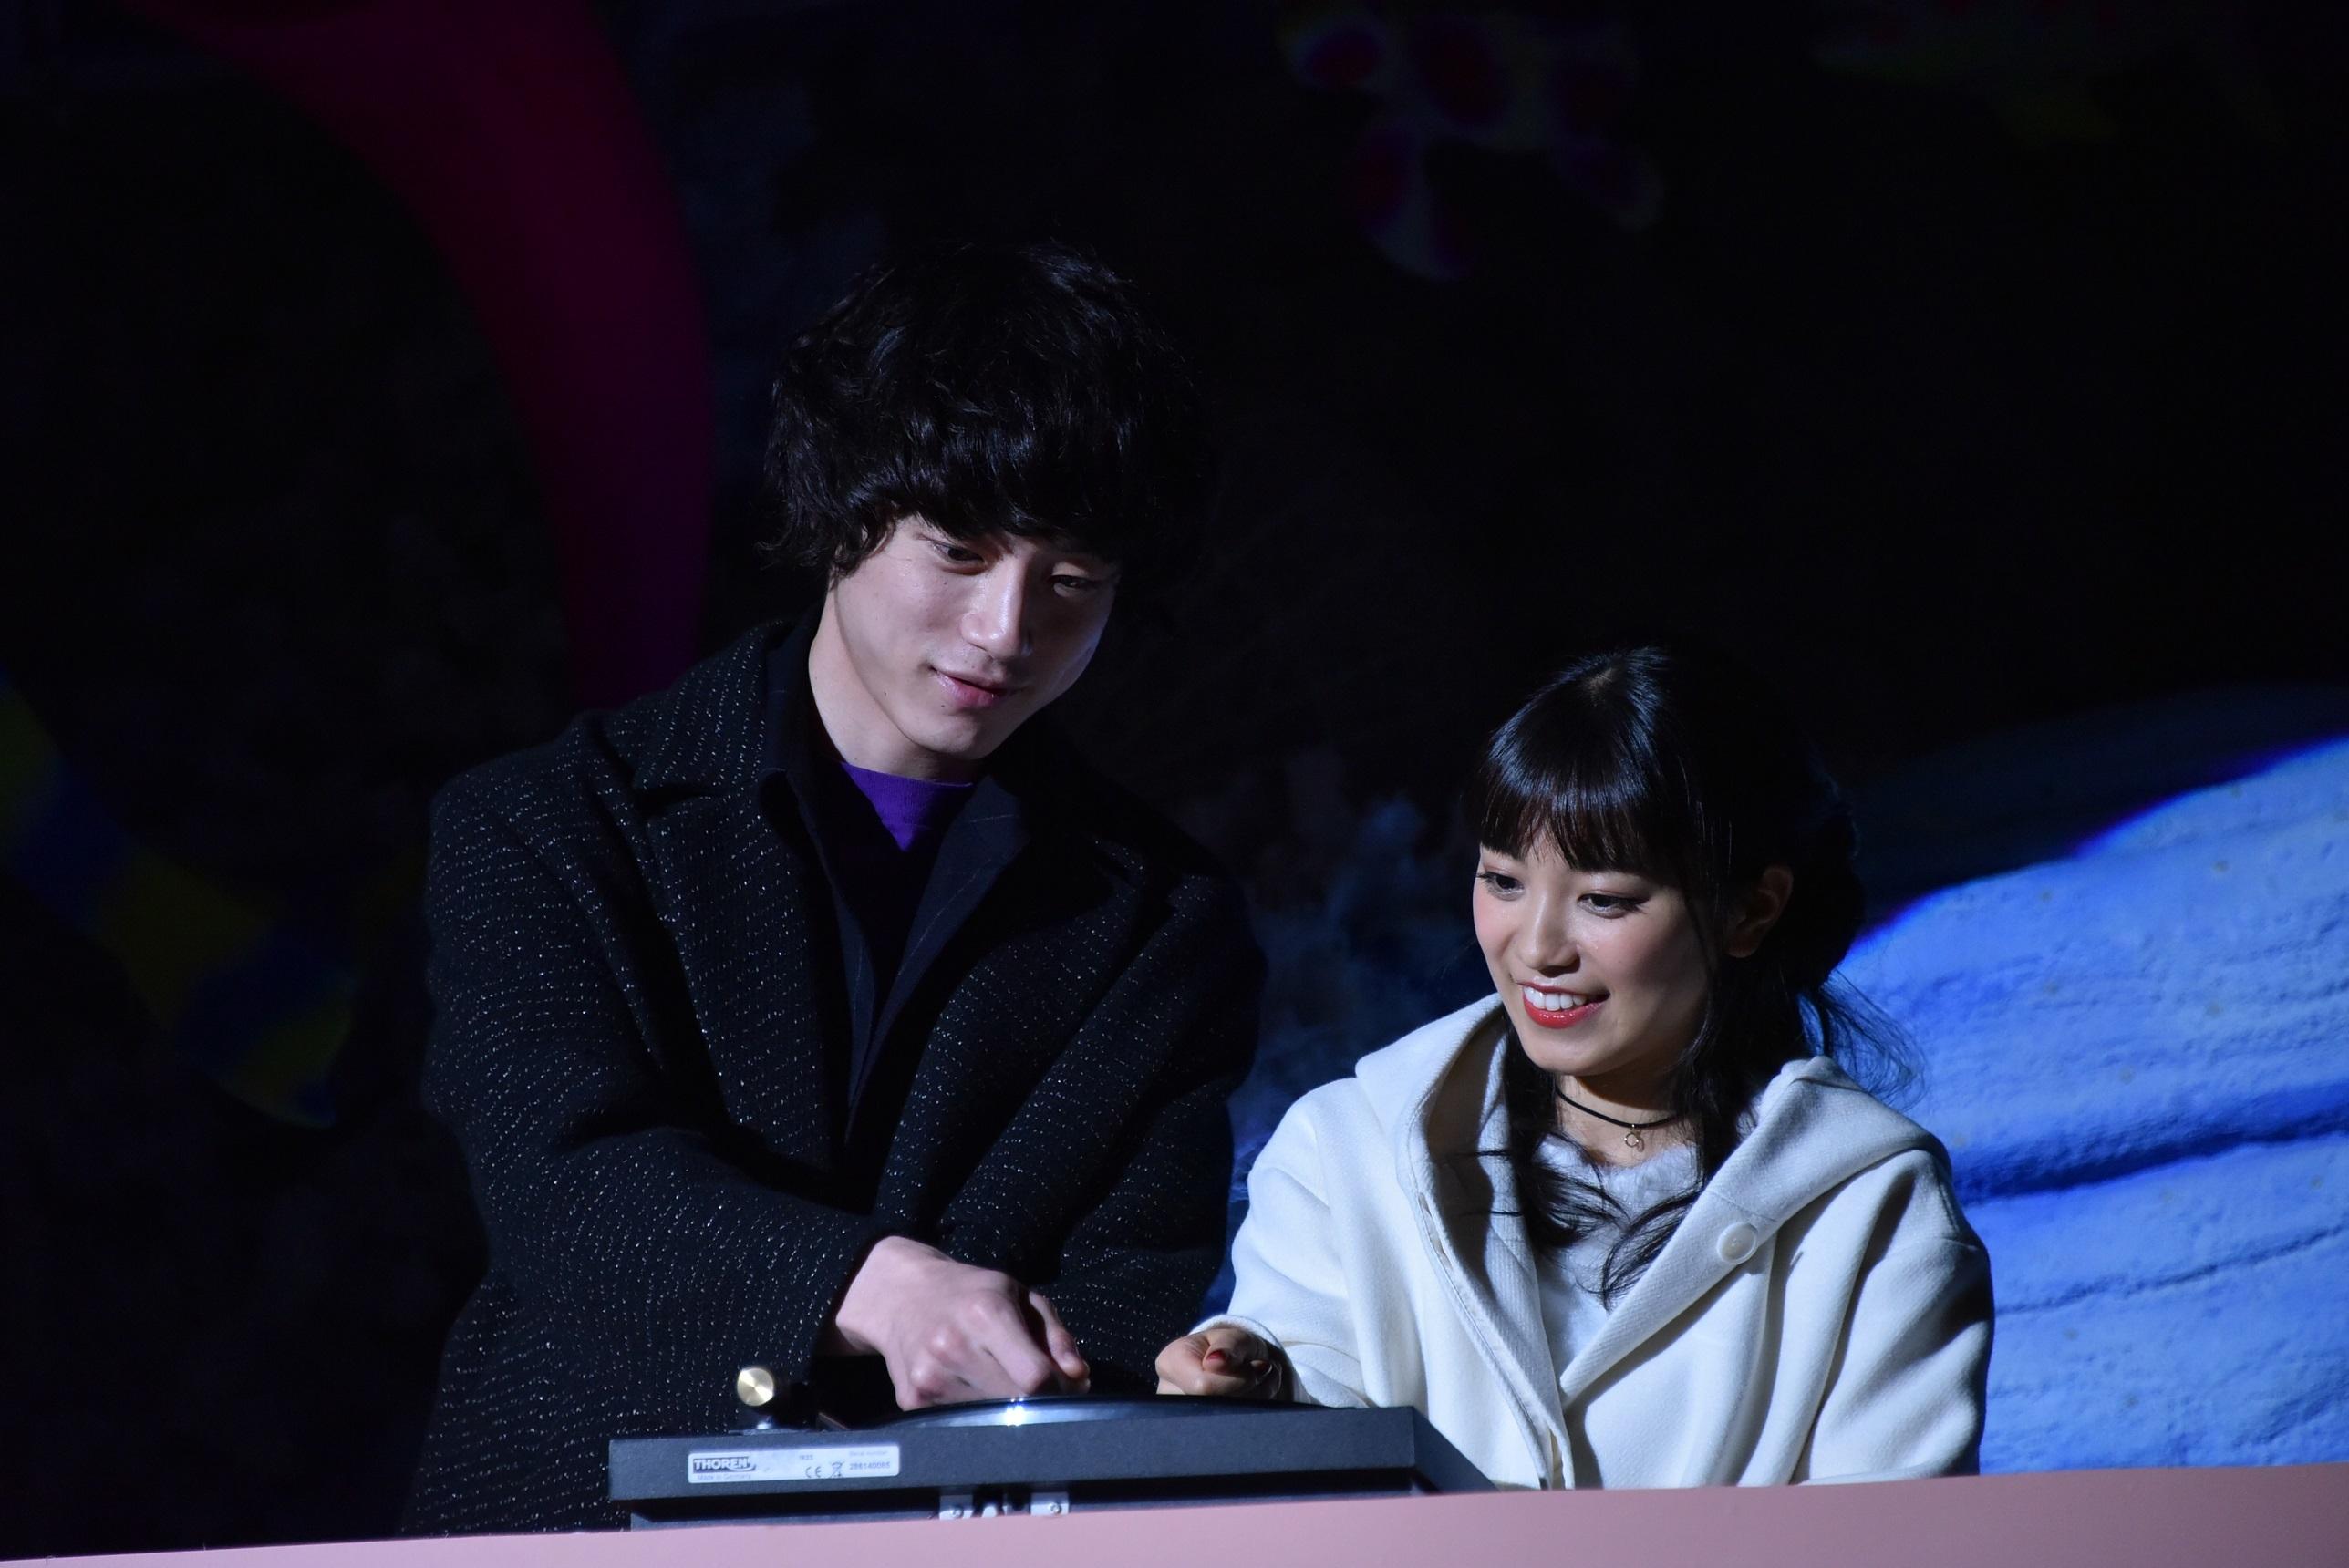 左から、坂口健太郎とmiwa